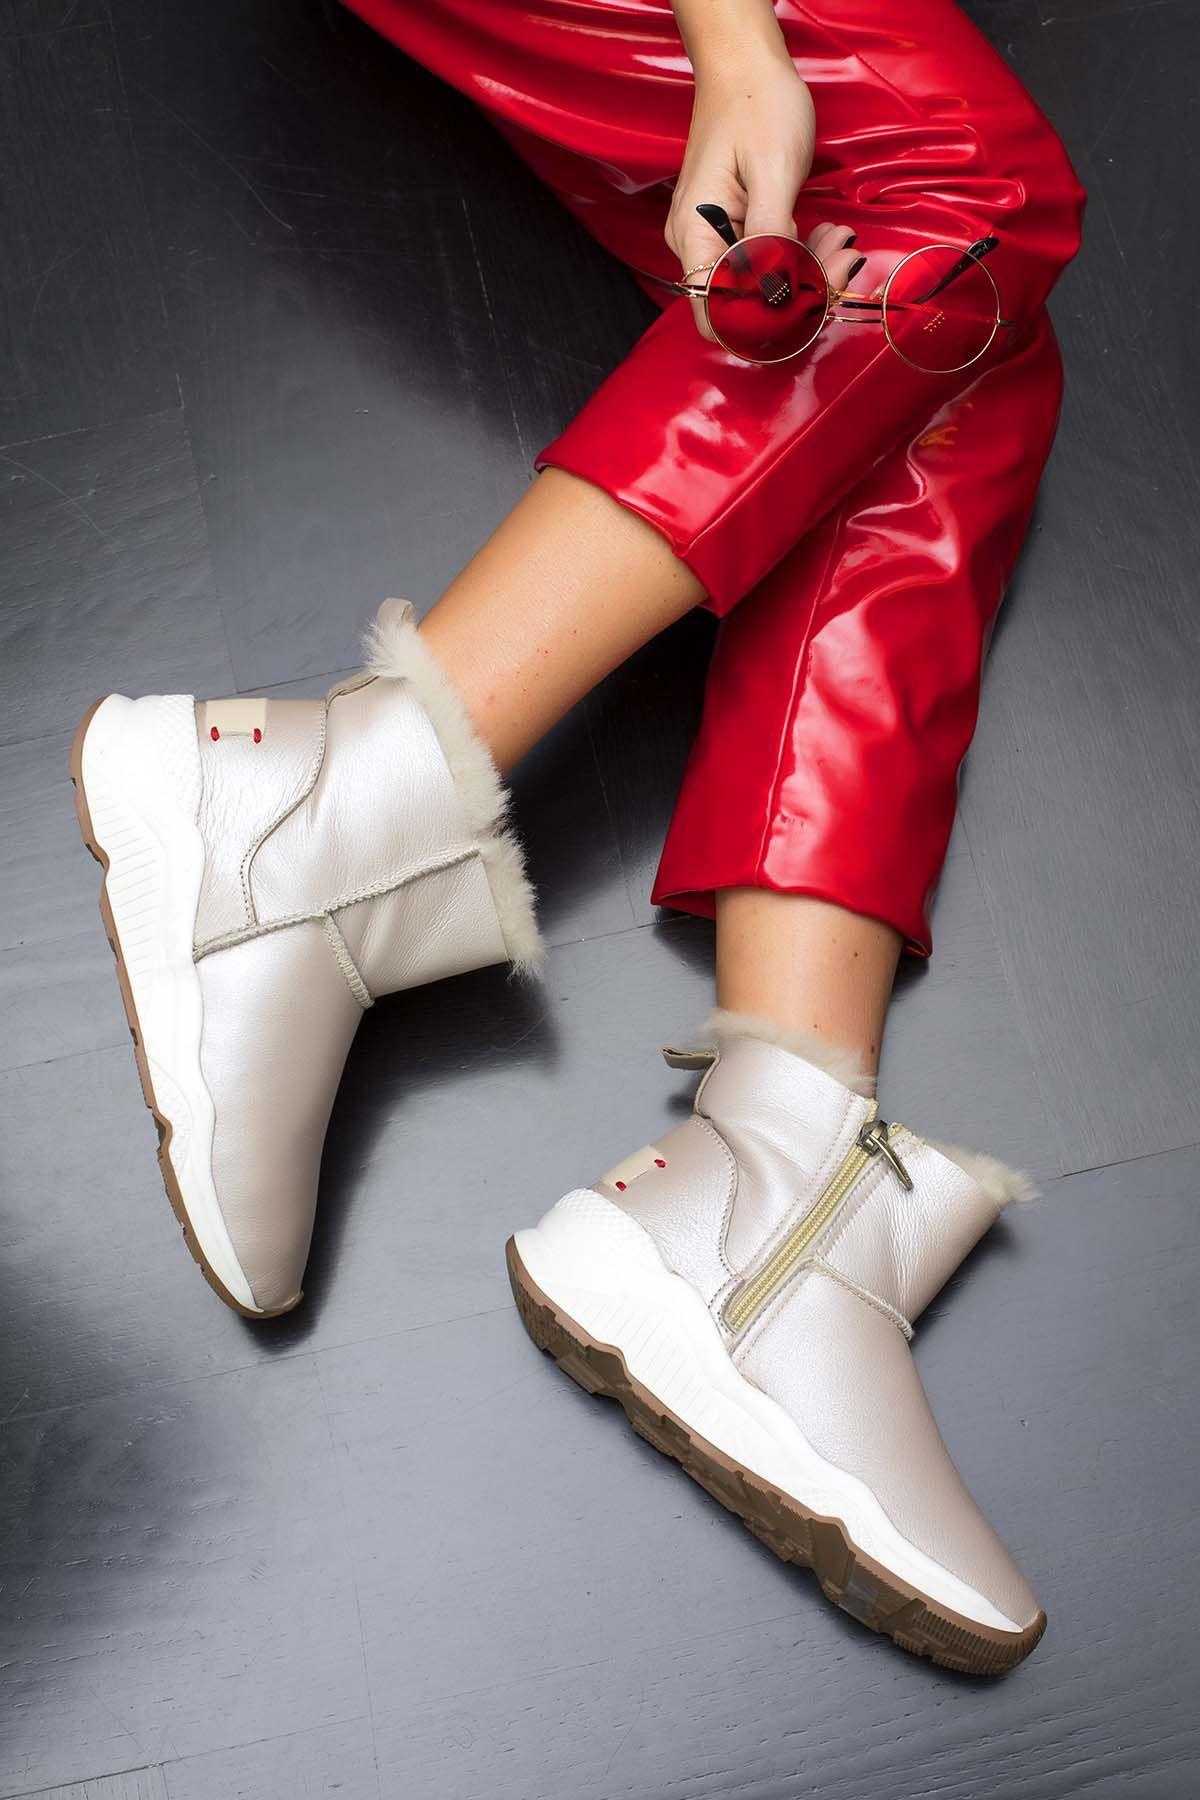 Женские Ботинки Из Натурального Меха С Боковой Молнией 157401 Бежевый